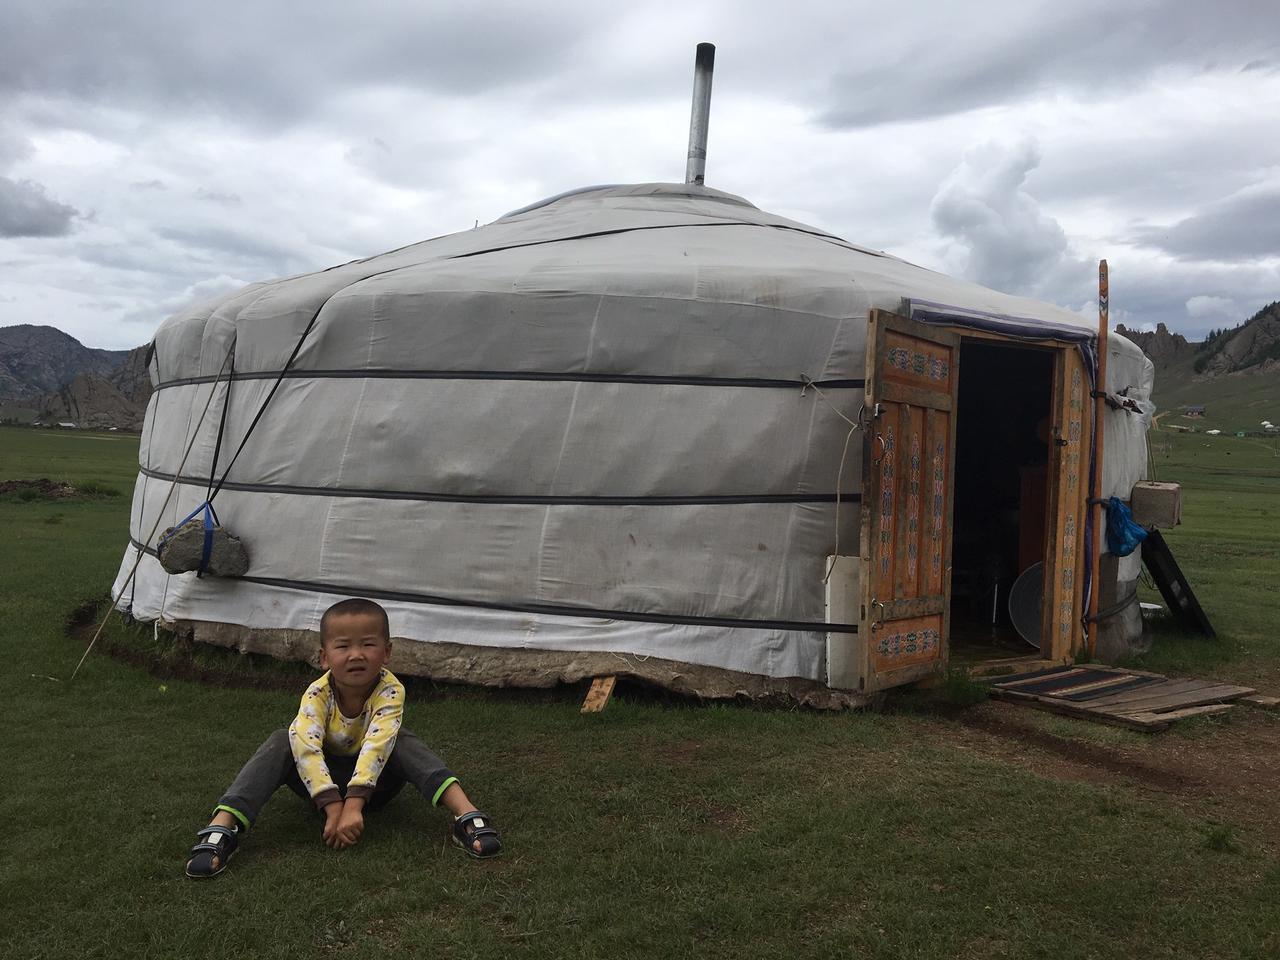 画像: 遊牧民の子とゲル(イメージ)/スタッフ撮影